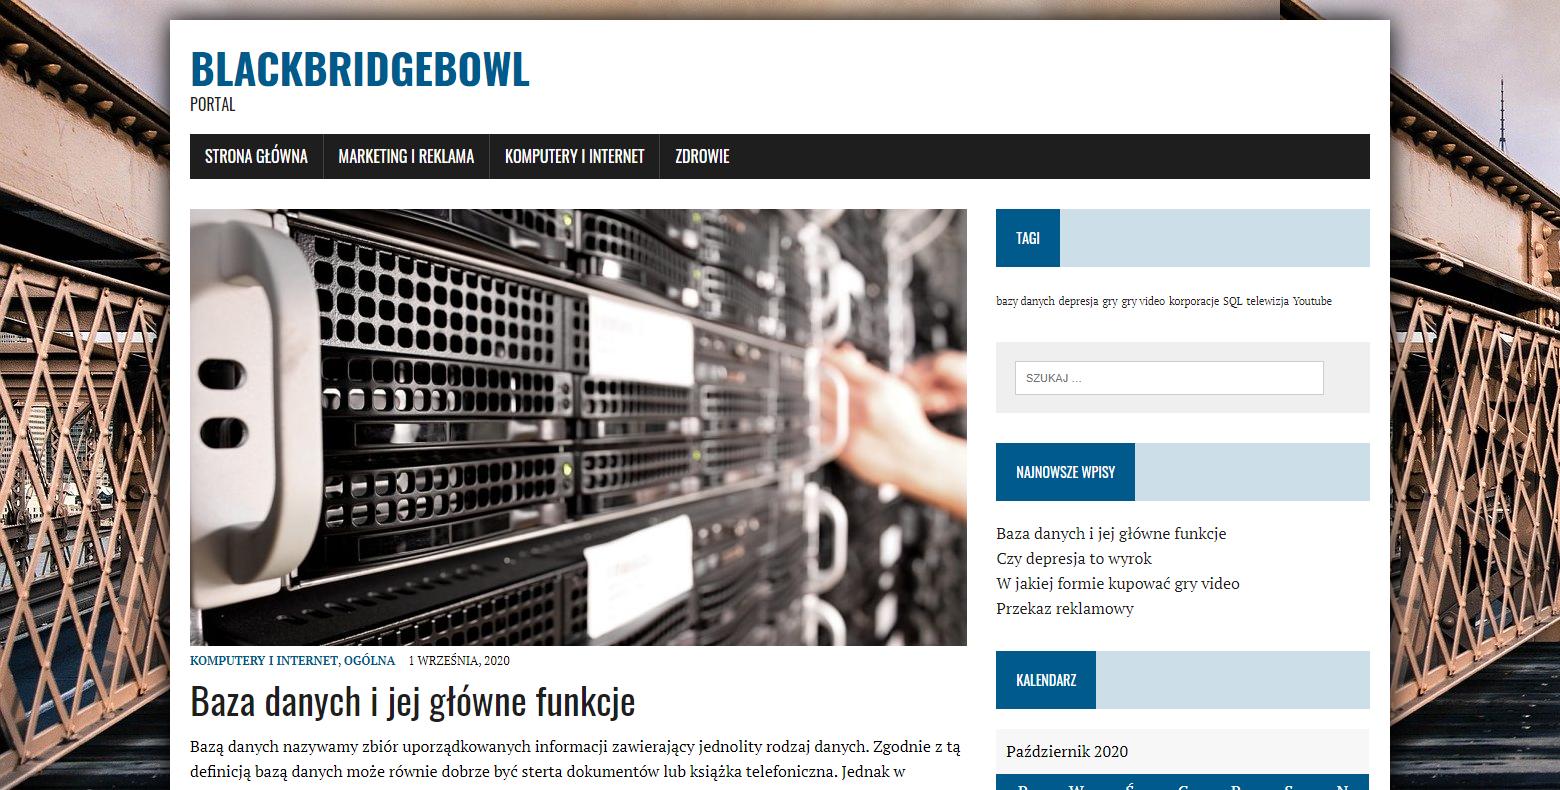 blackbridgebowl-img-91.png